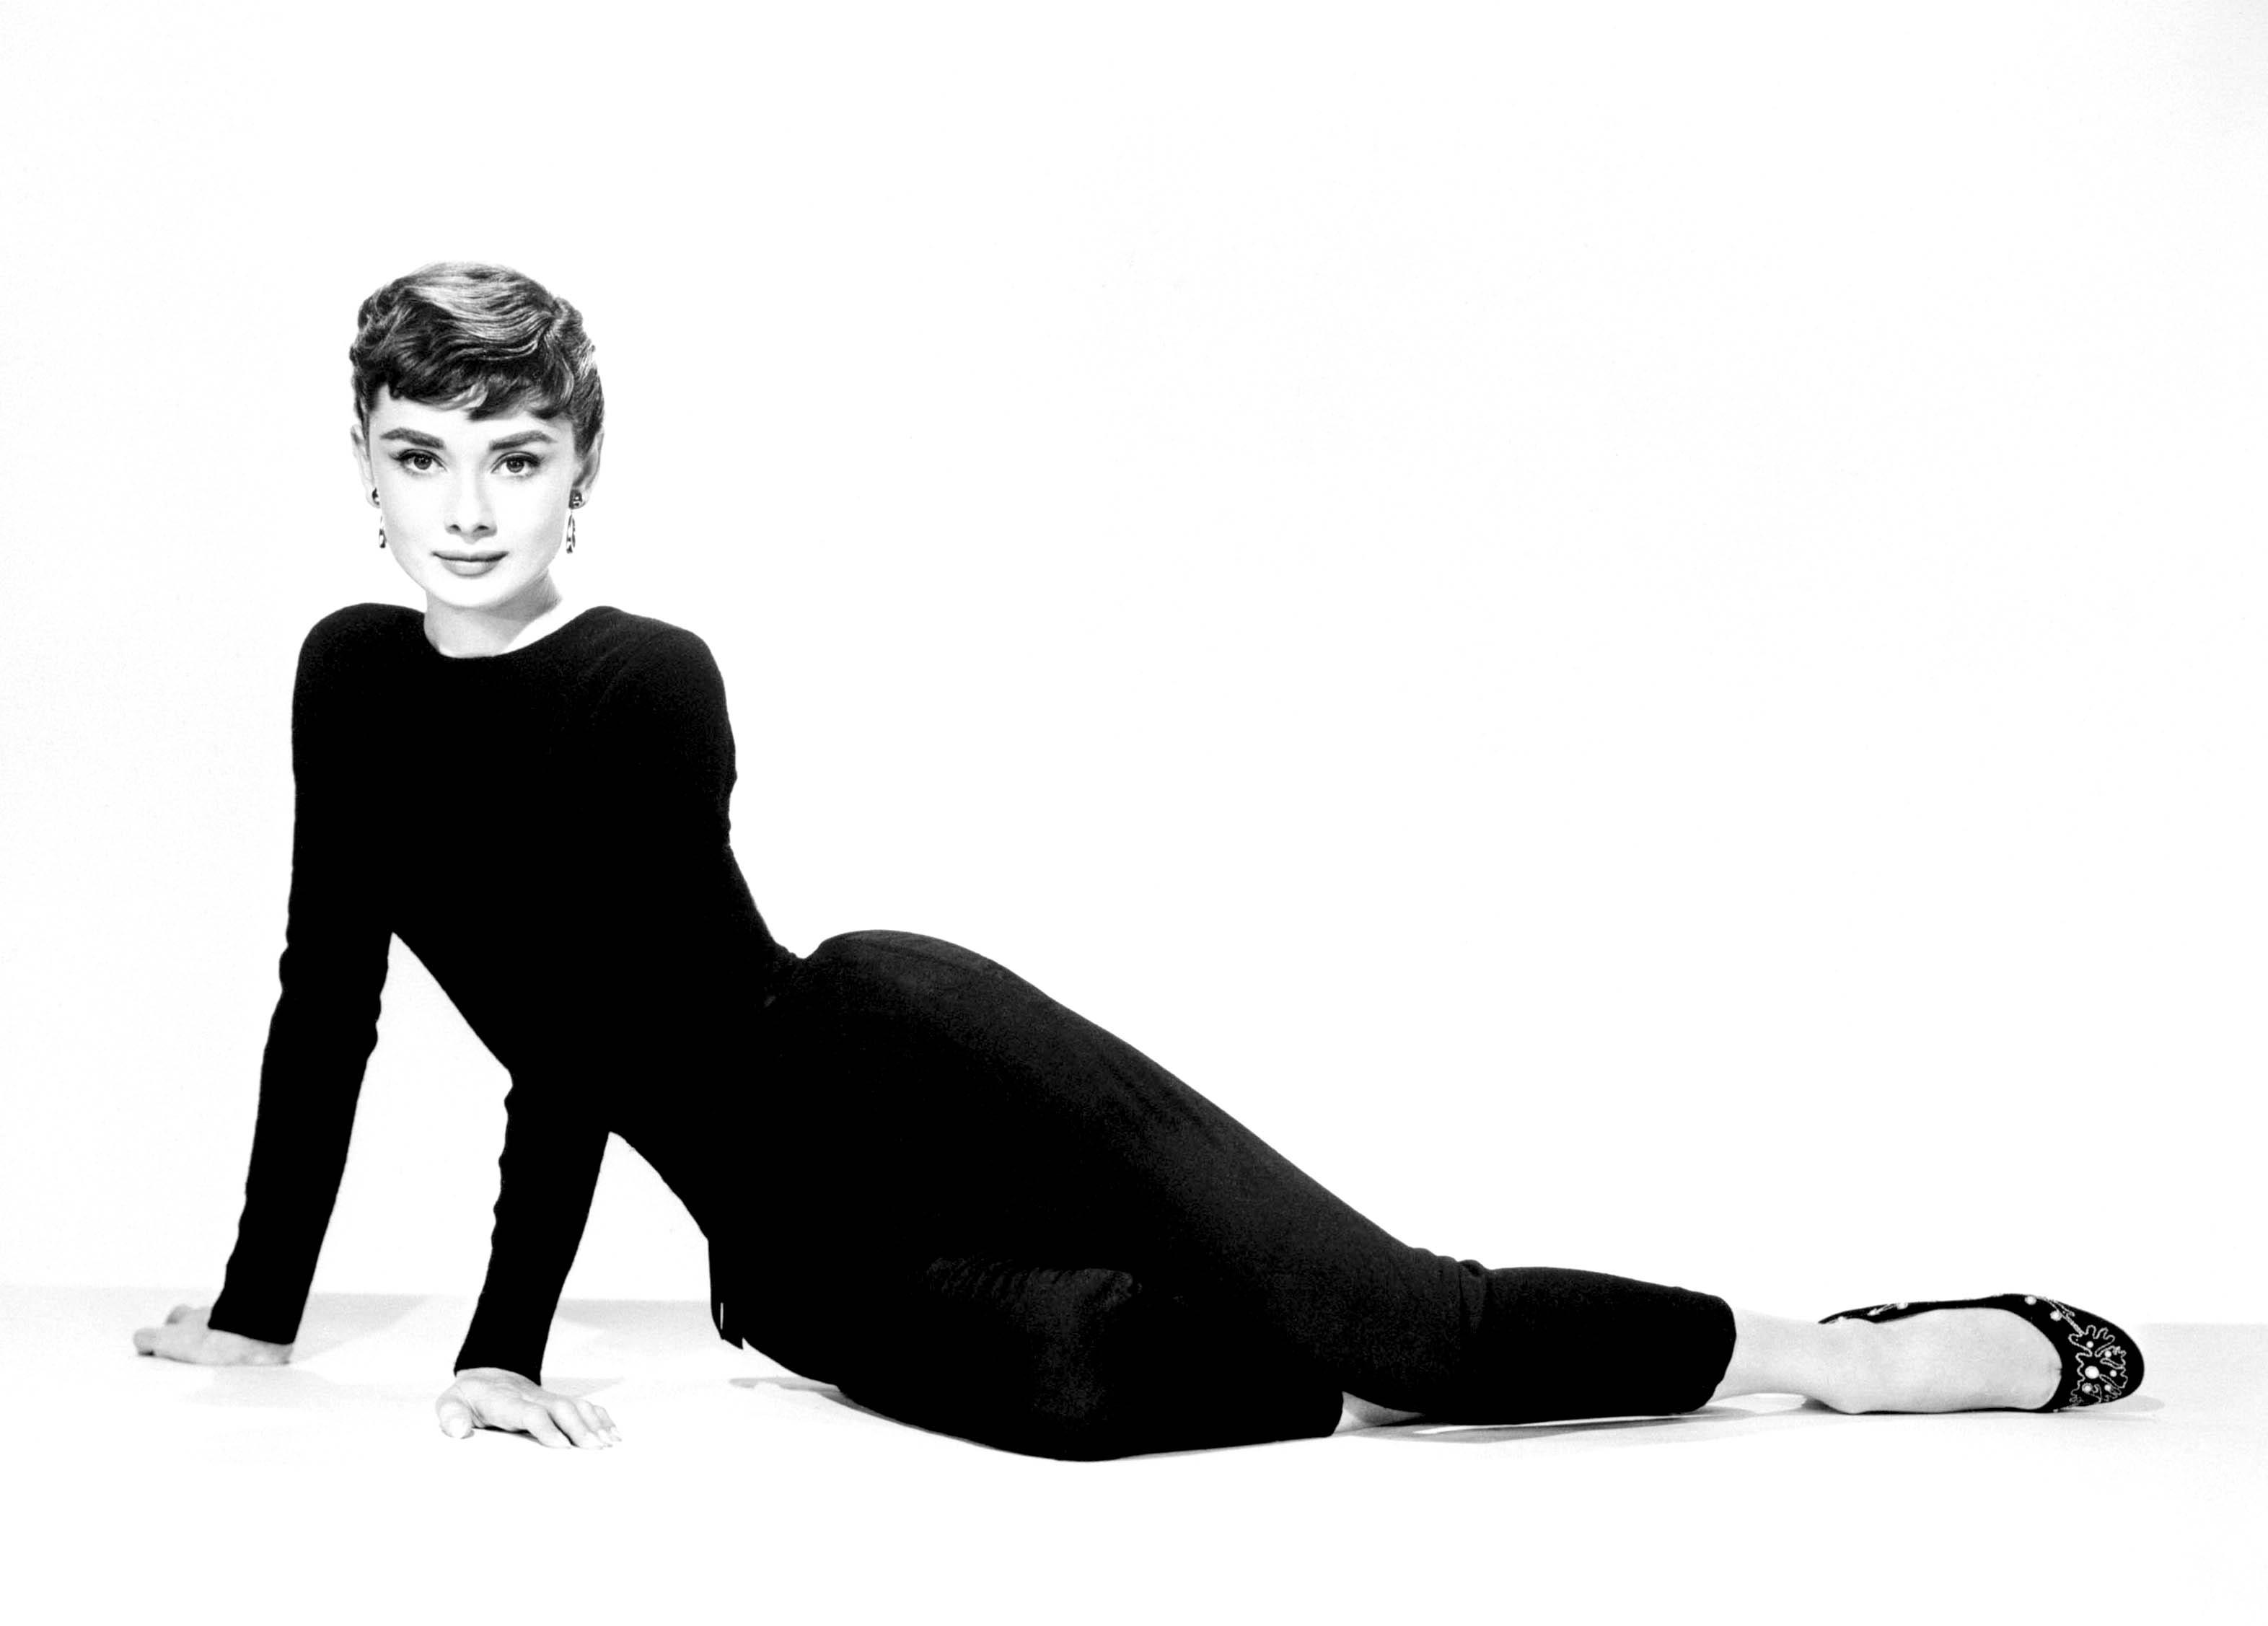 Audrey Hepburn Fondo De Pantalla Hd Fondo De Escritorio